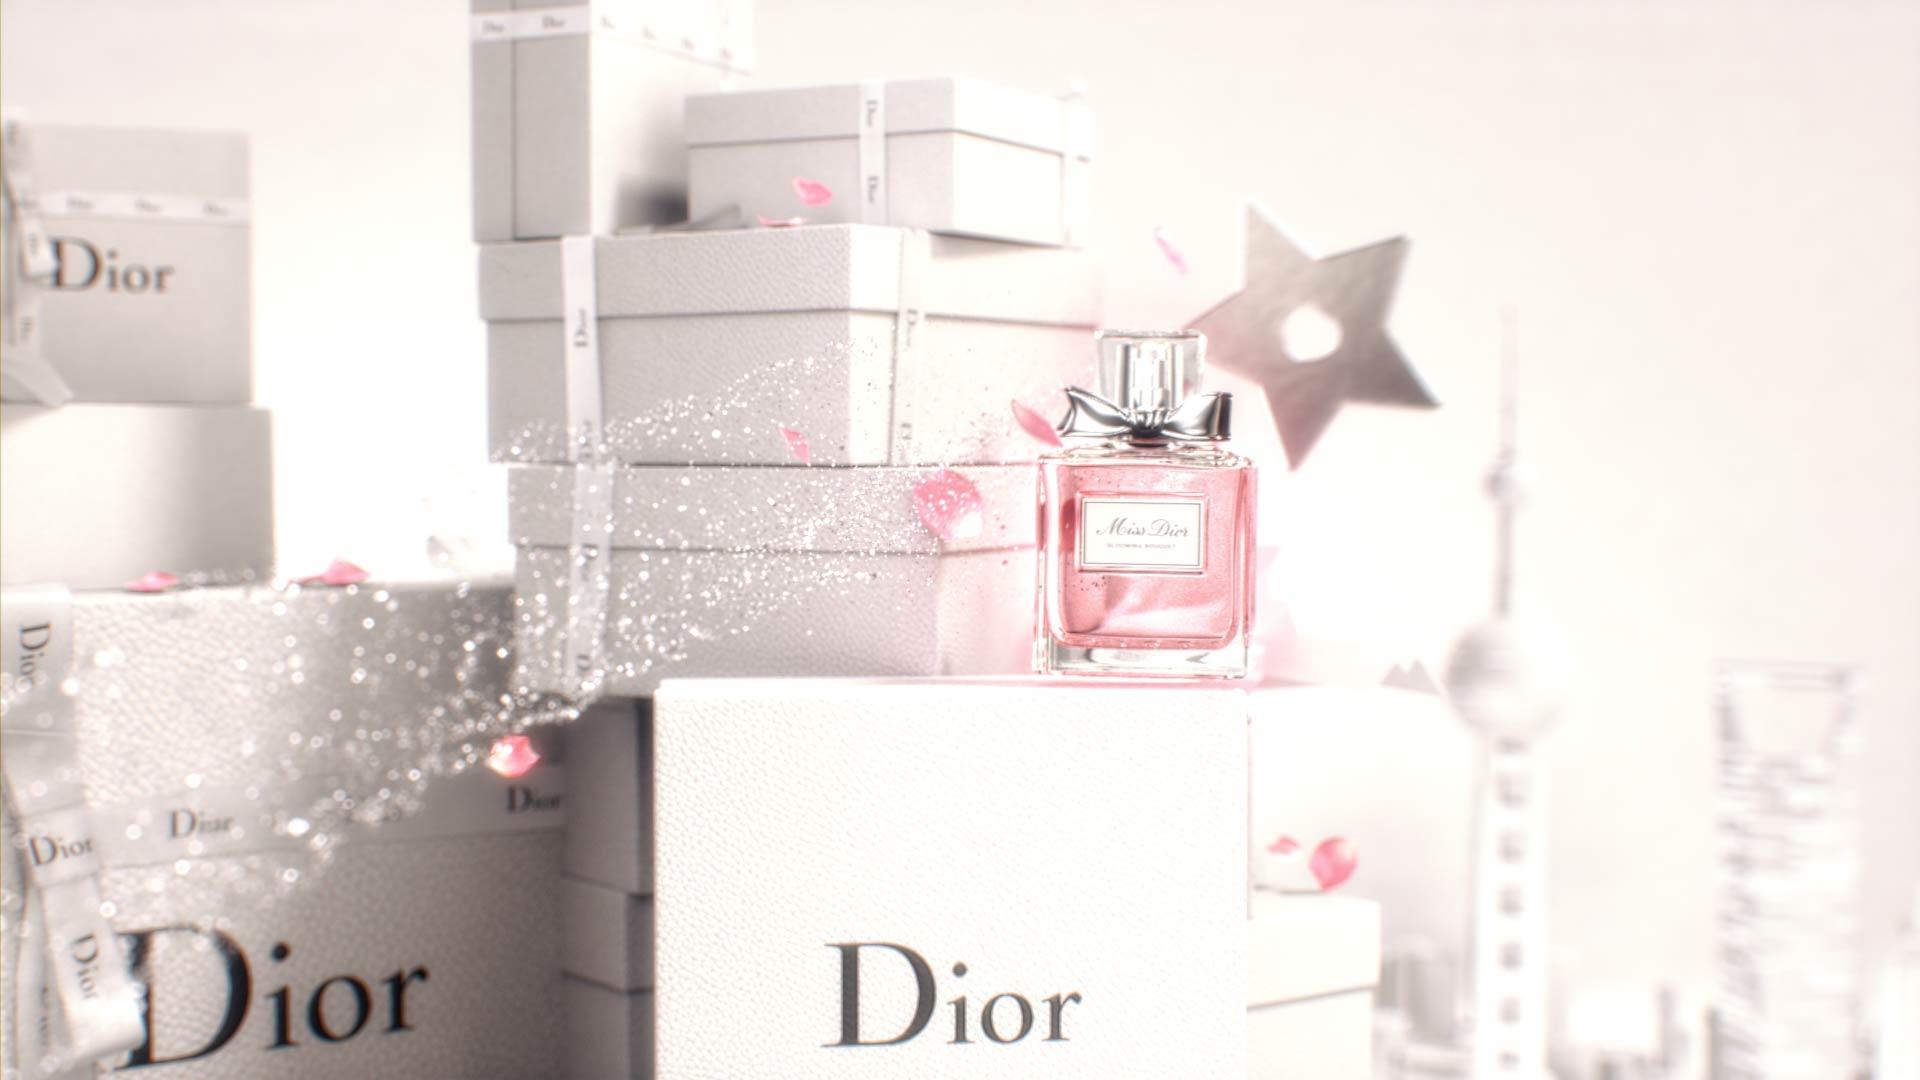 3D render of Miss Dior fragrance bottle in a motion design animation